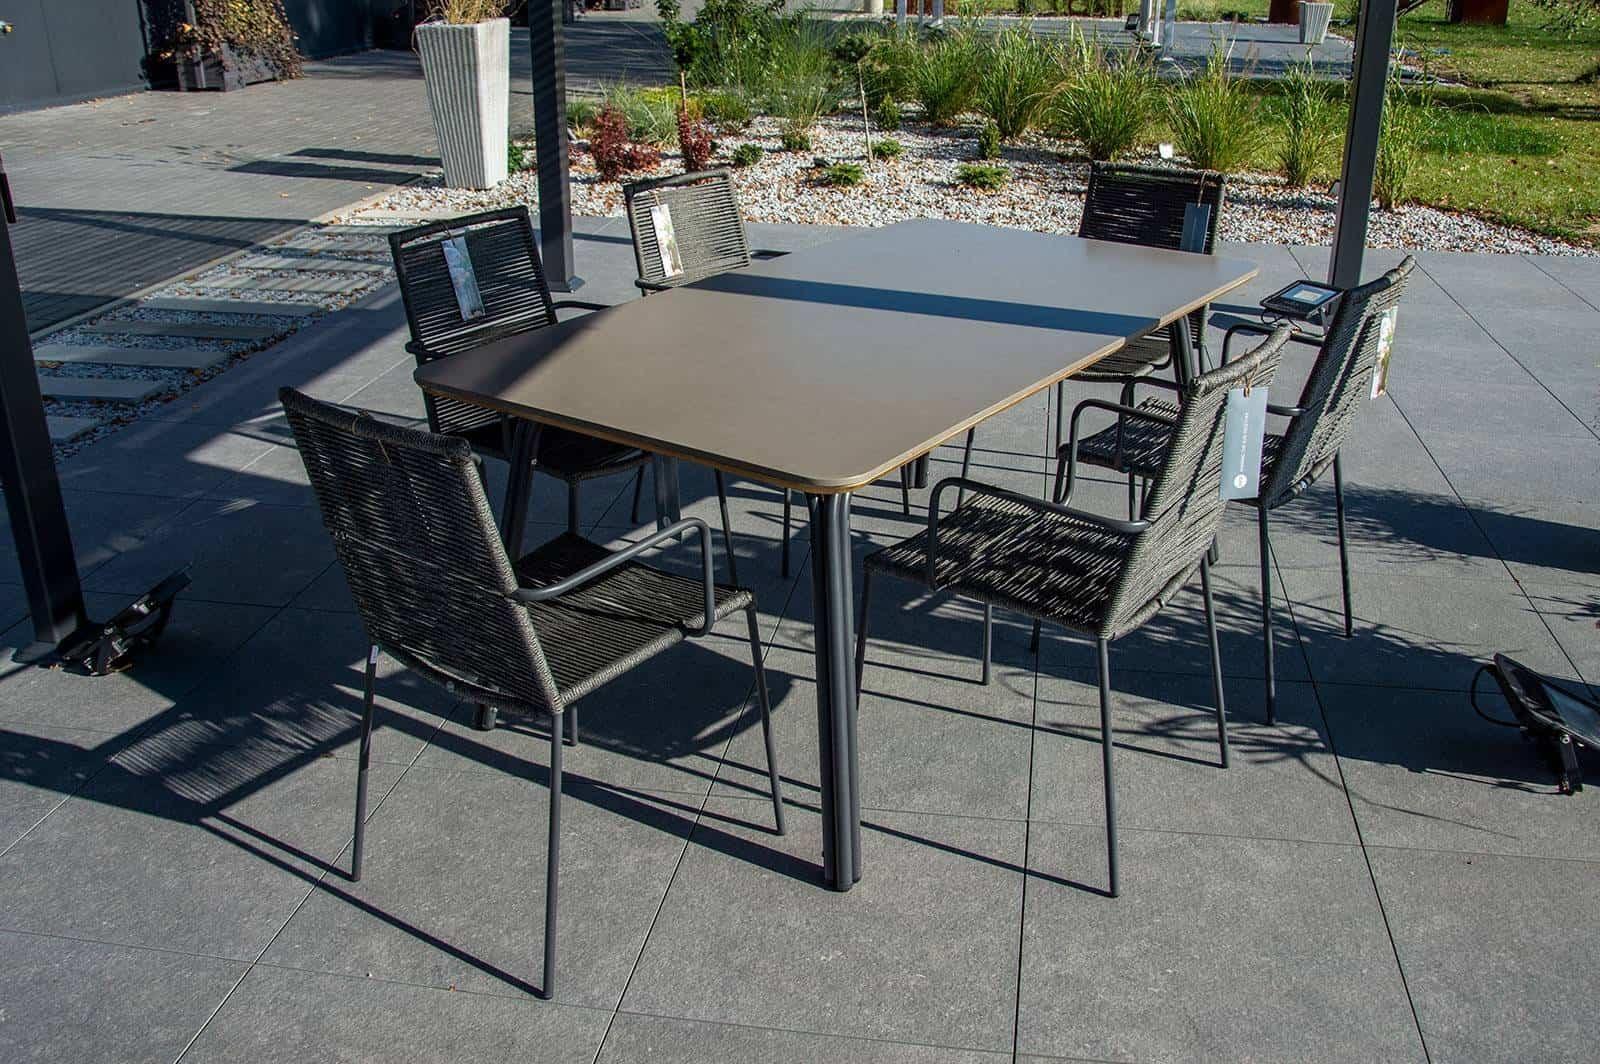 Designerskie meble ogrodowe SIMI z krzesłami KEA